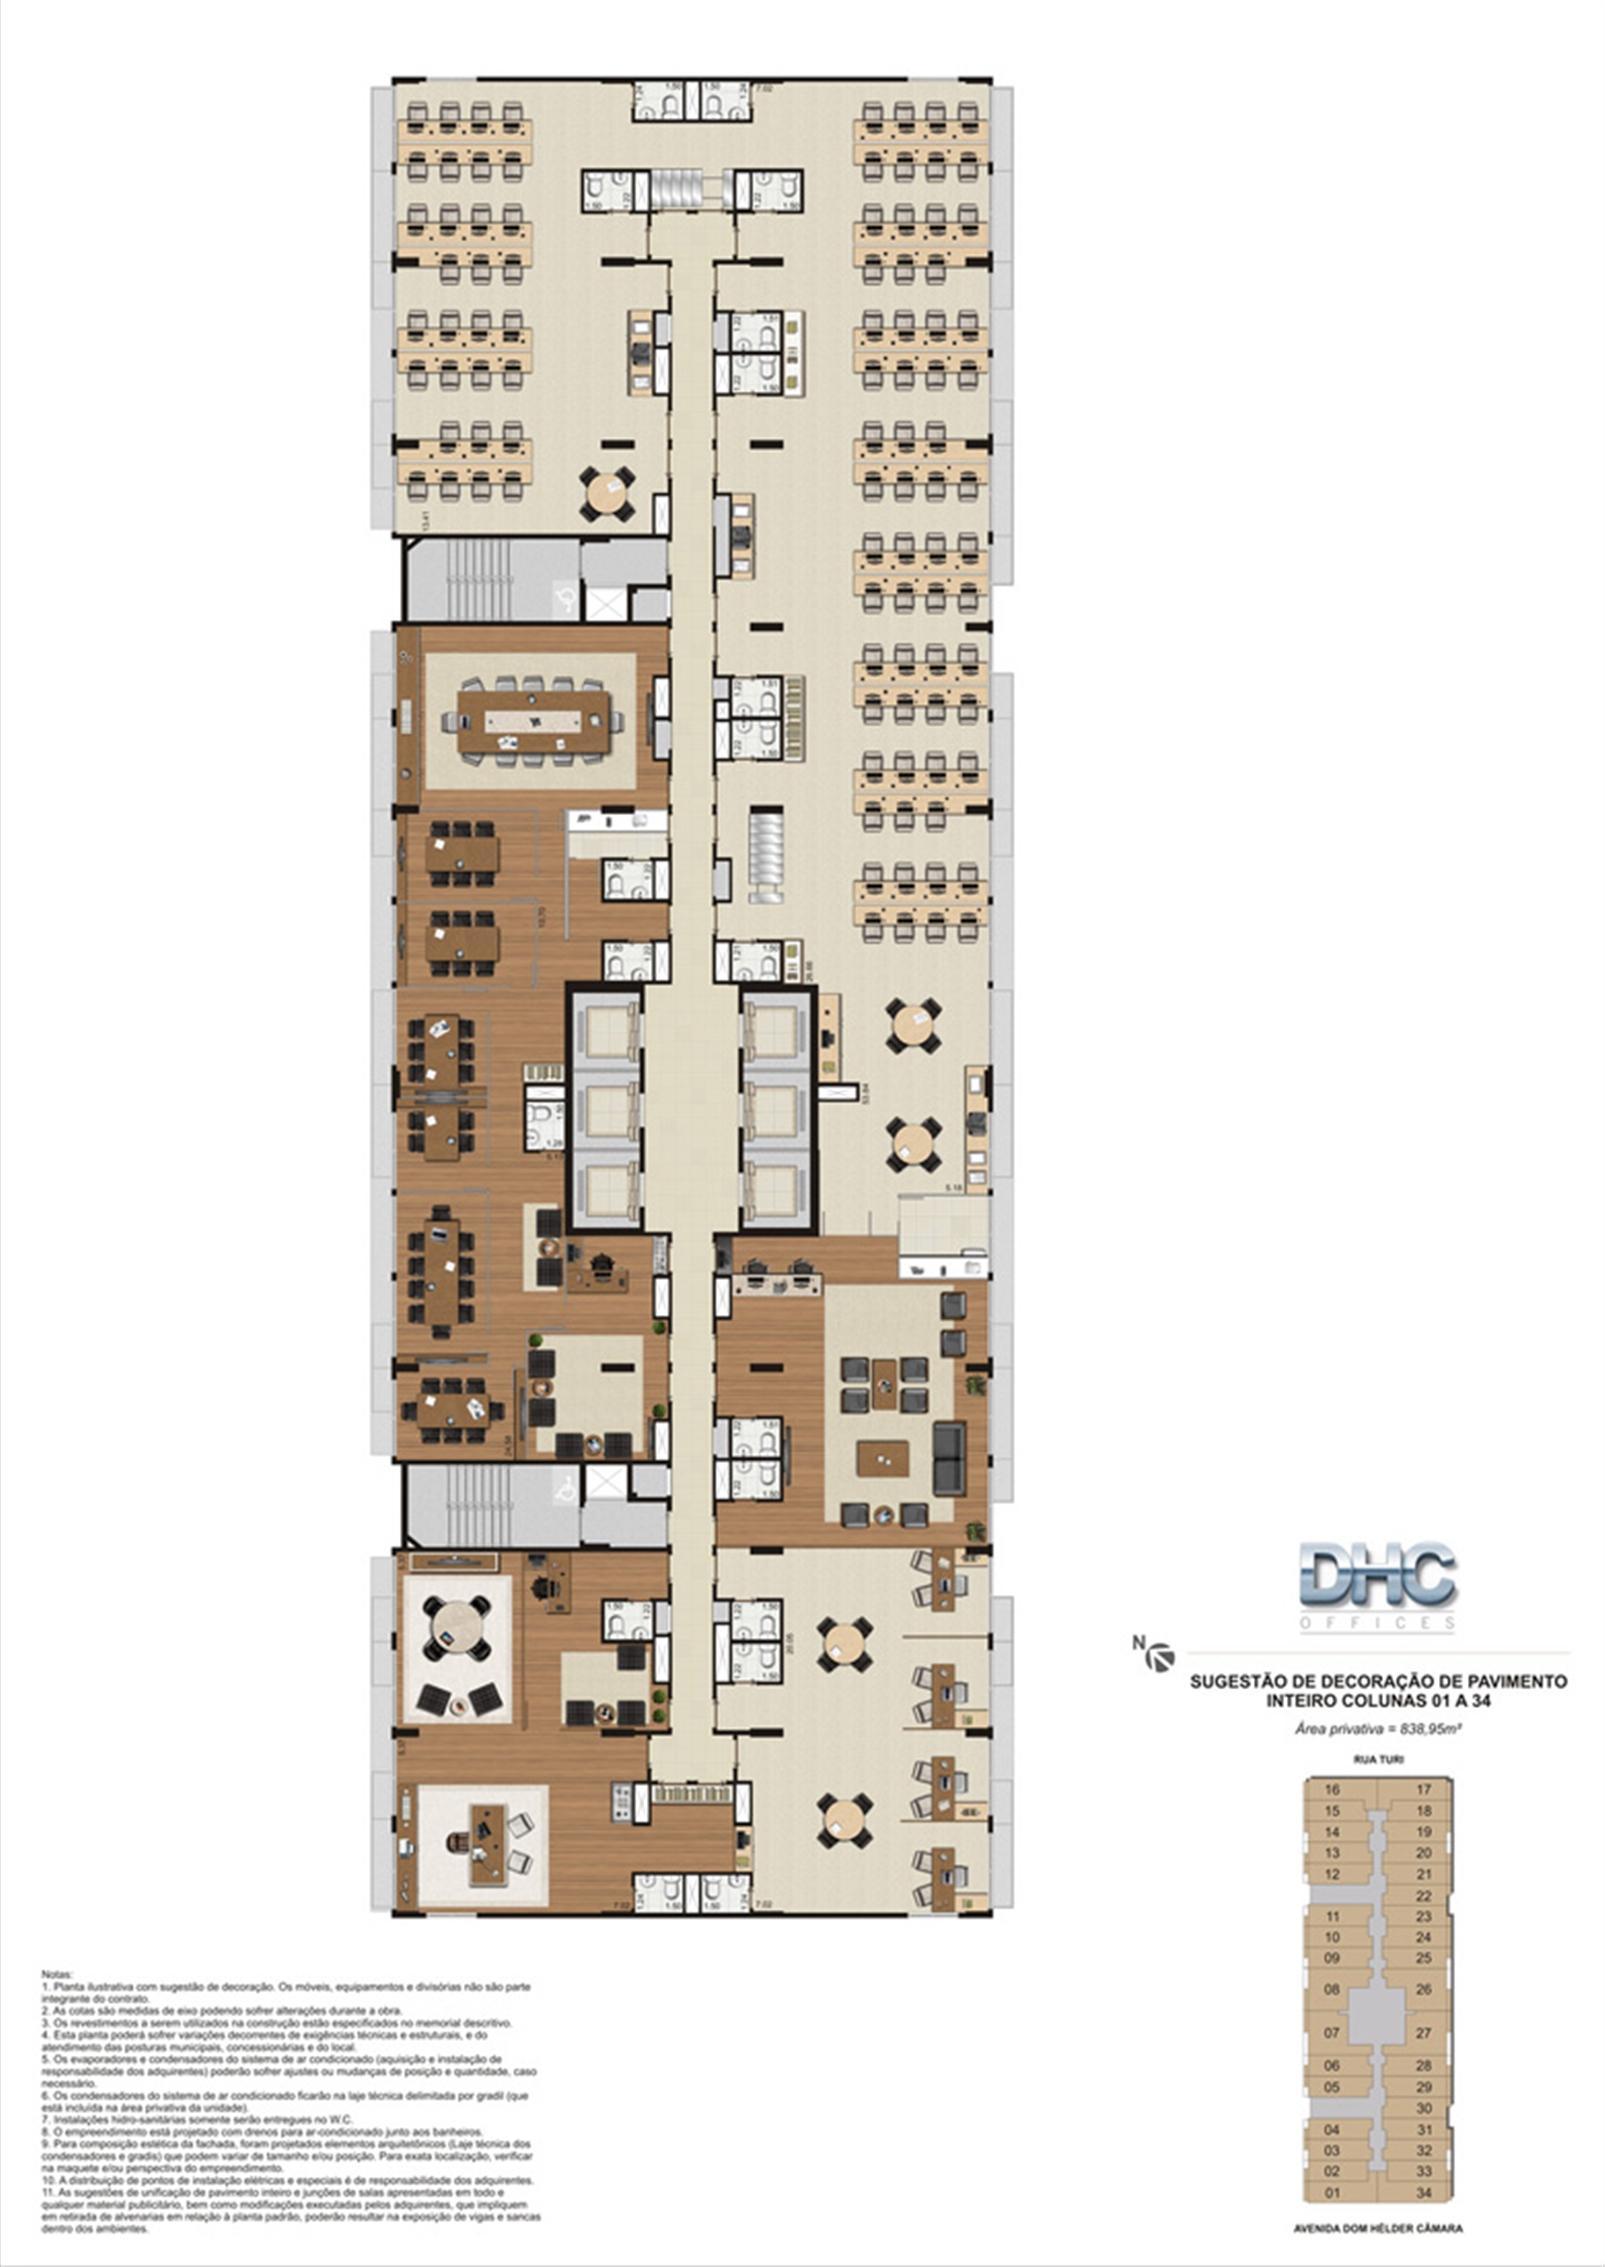 Sugestão de Decoração de Pavimento Inteiro - Colunas 01 a 34 | DHC Offices – Salas Comerciaisem  Pilares - Rio de Janeiro - Rio de Janeiro